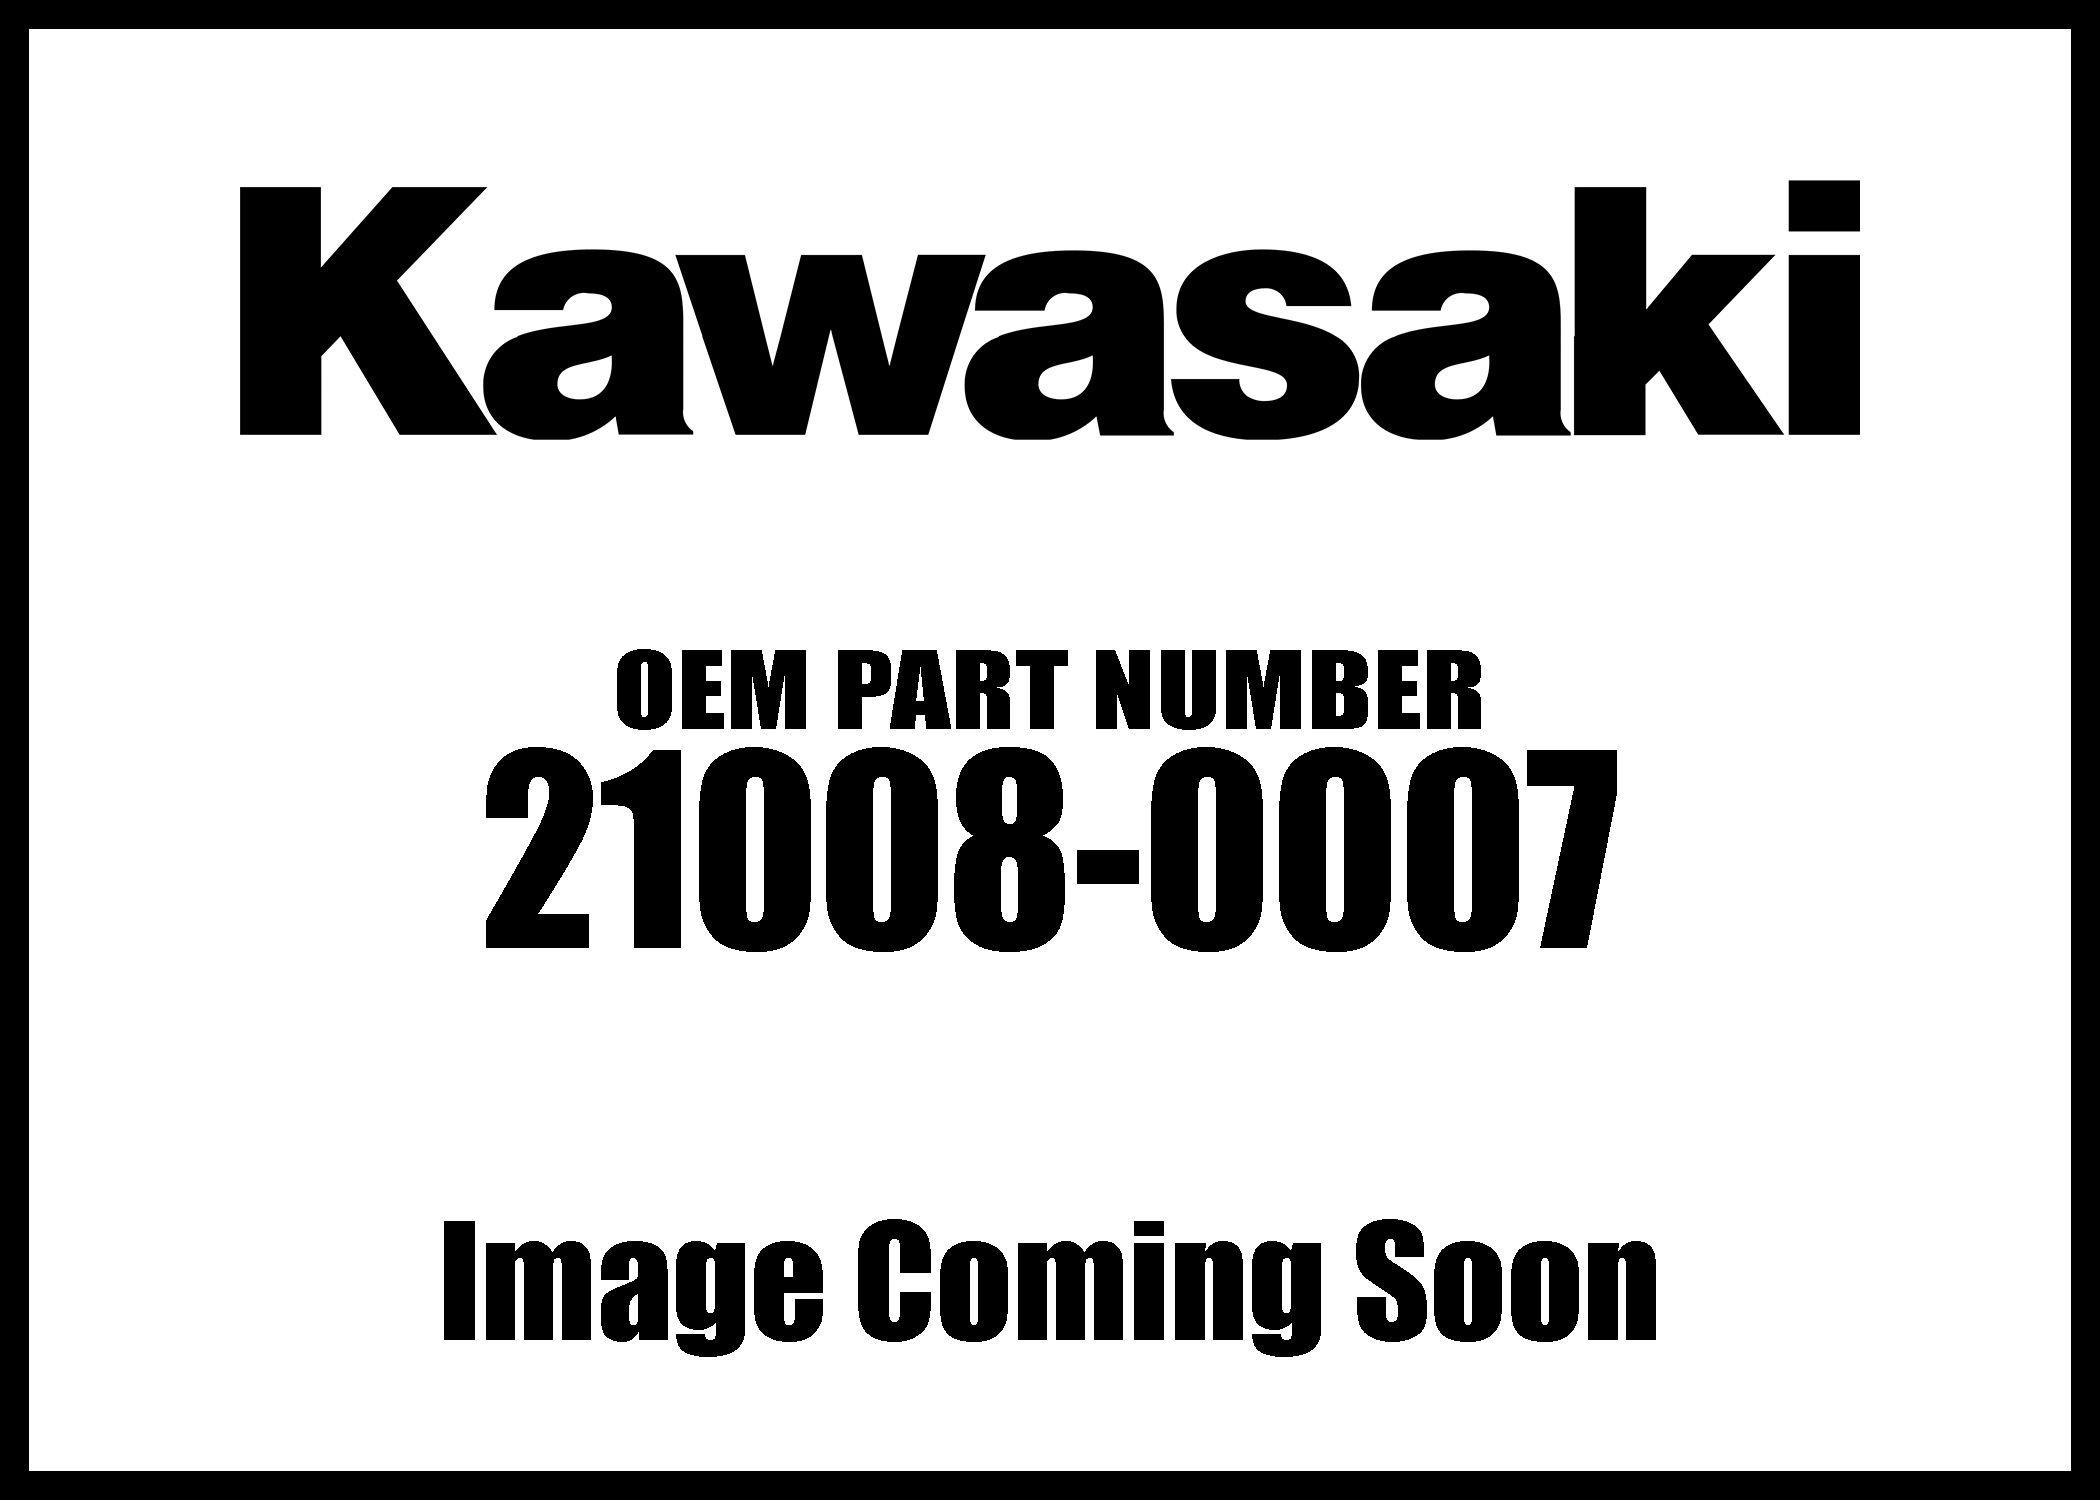 Kawasaki 2008-2009 Teryx 750 4X4 Teryx 750 Fi 4X4 Sport 12A Rad Fan Breaker 21008-0007 New Oem by Kawasaki (Image #1)